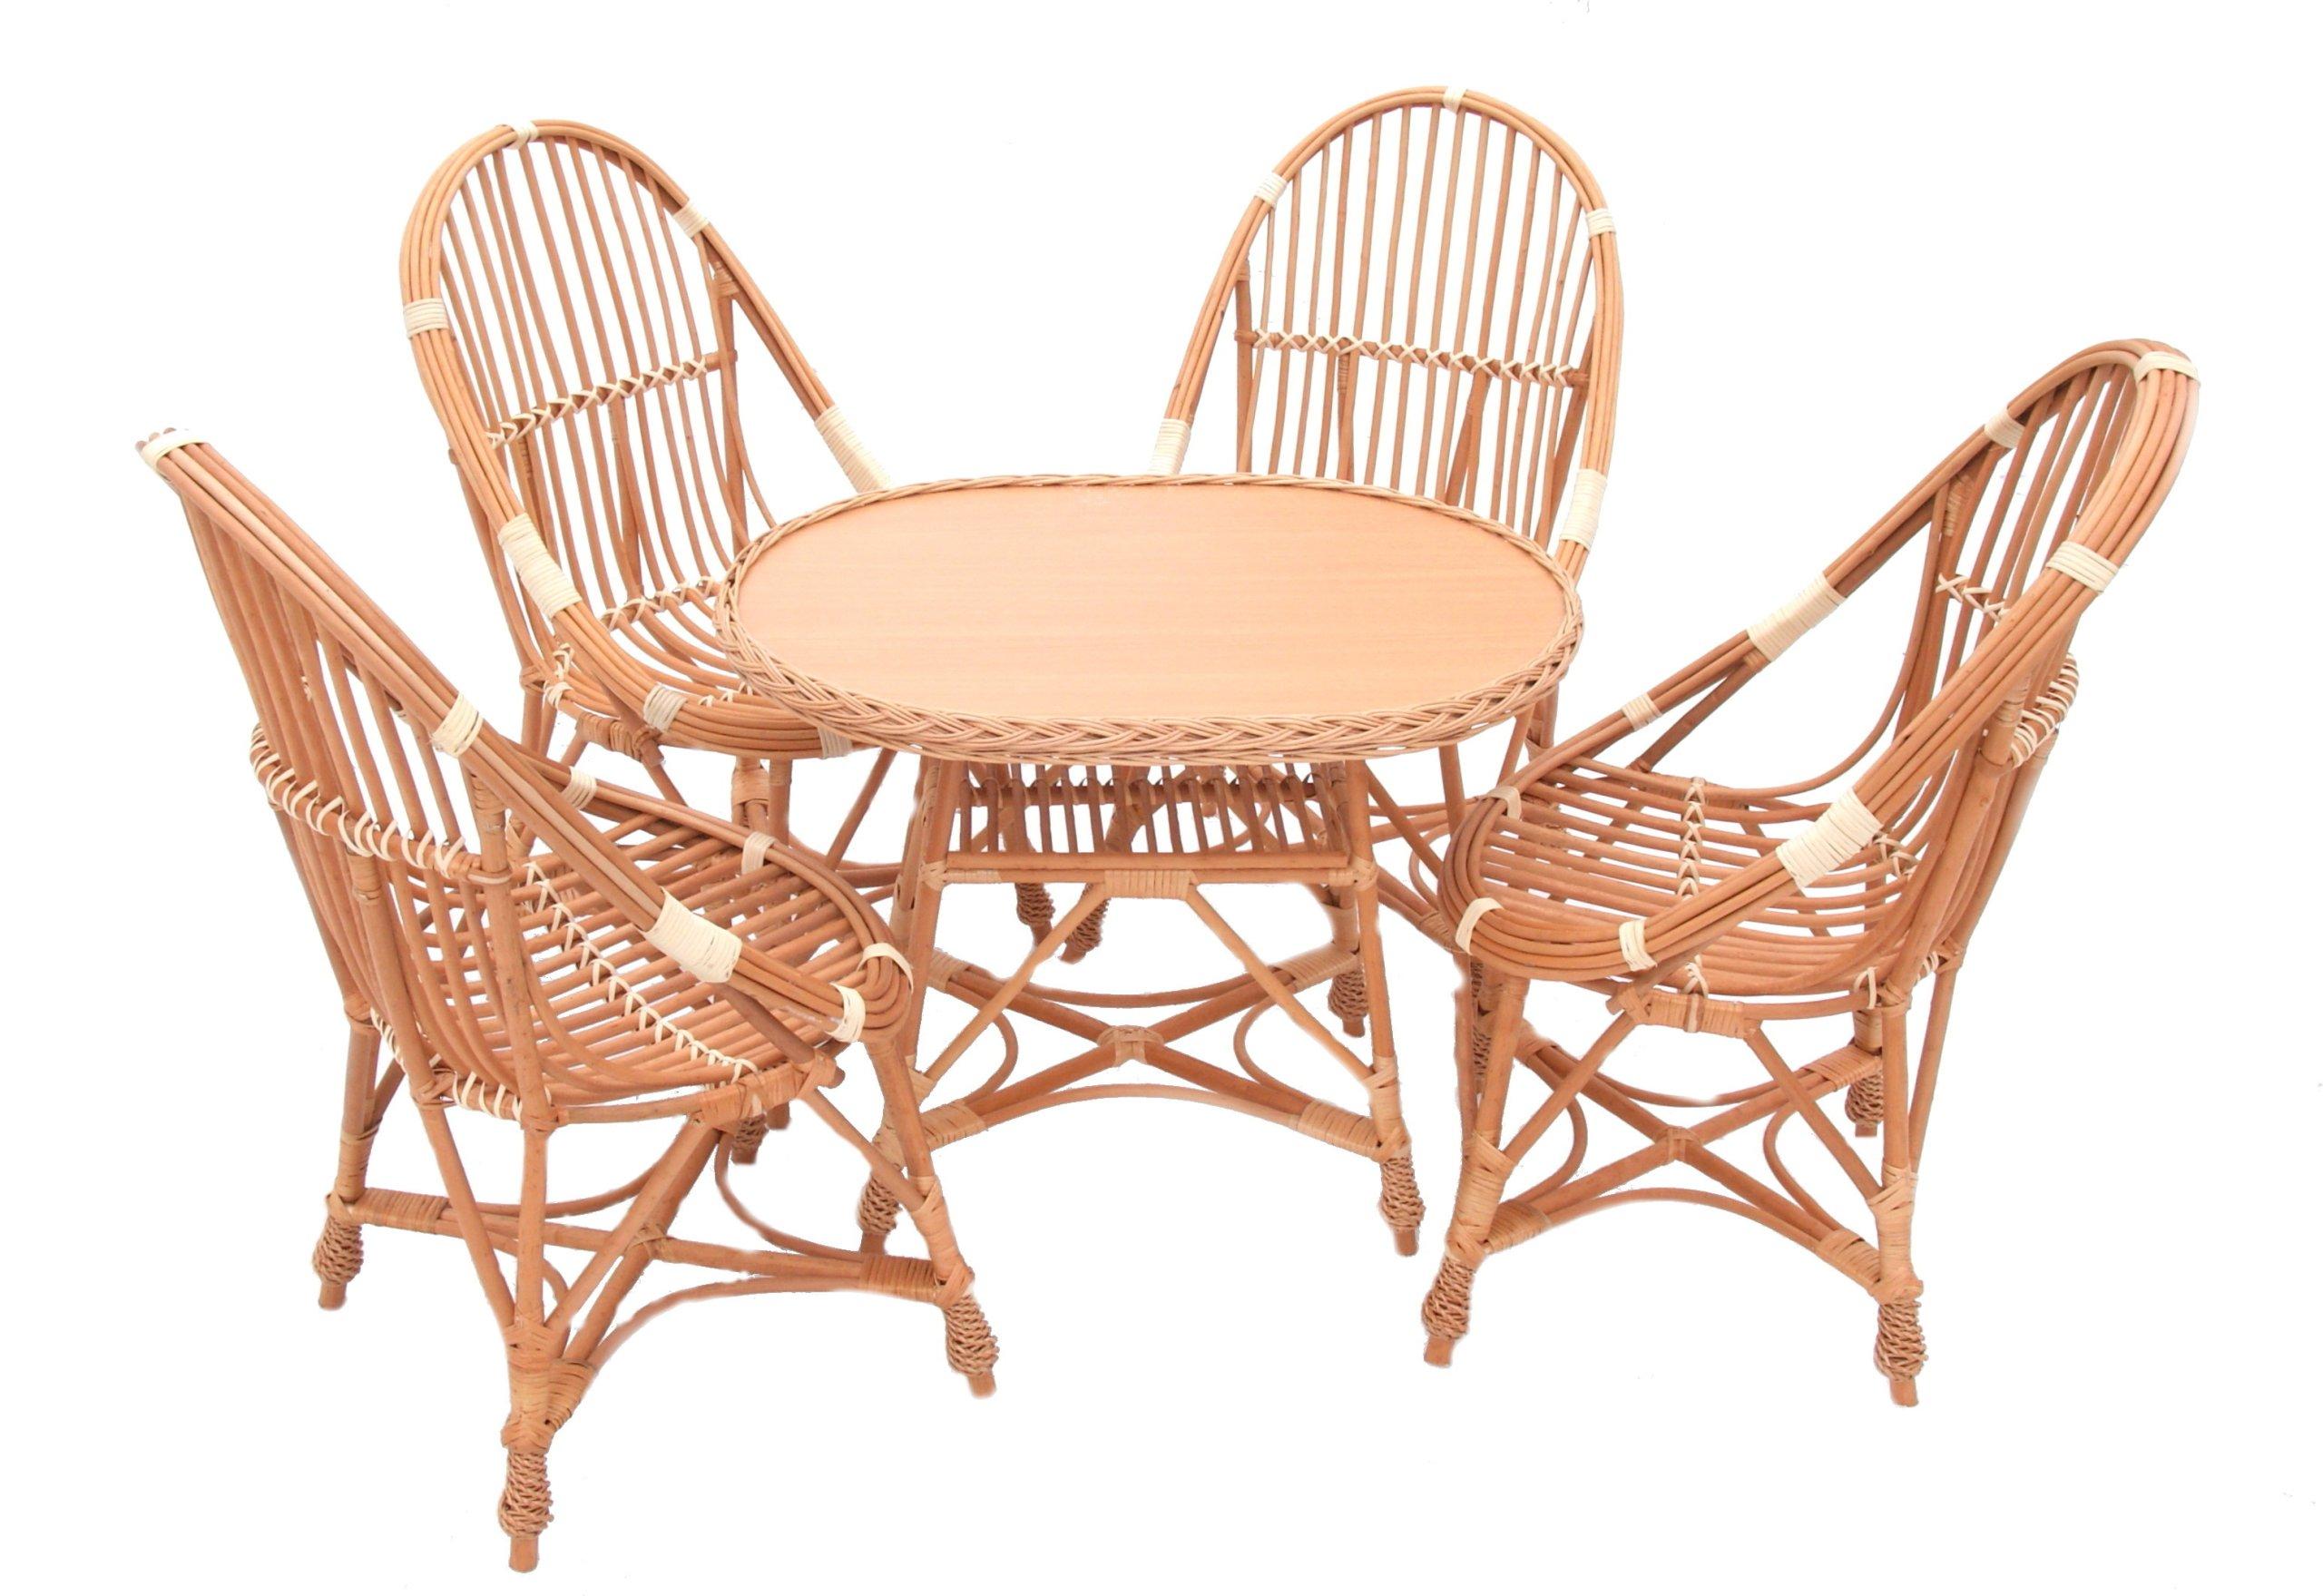 Prútený záhradný nábytok Prútený záhradný set